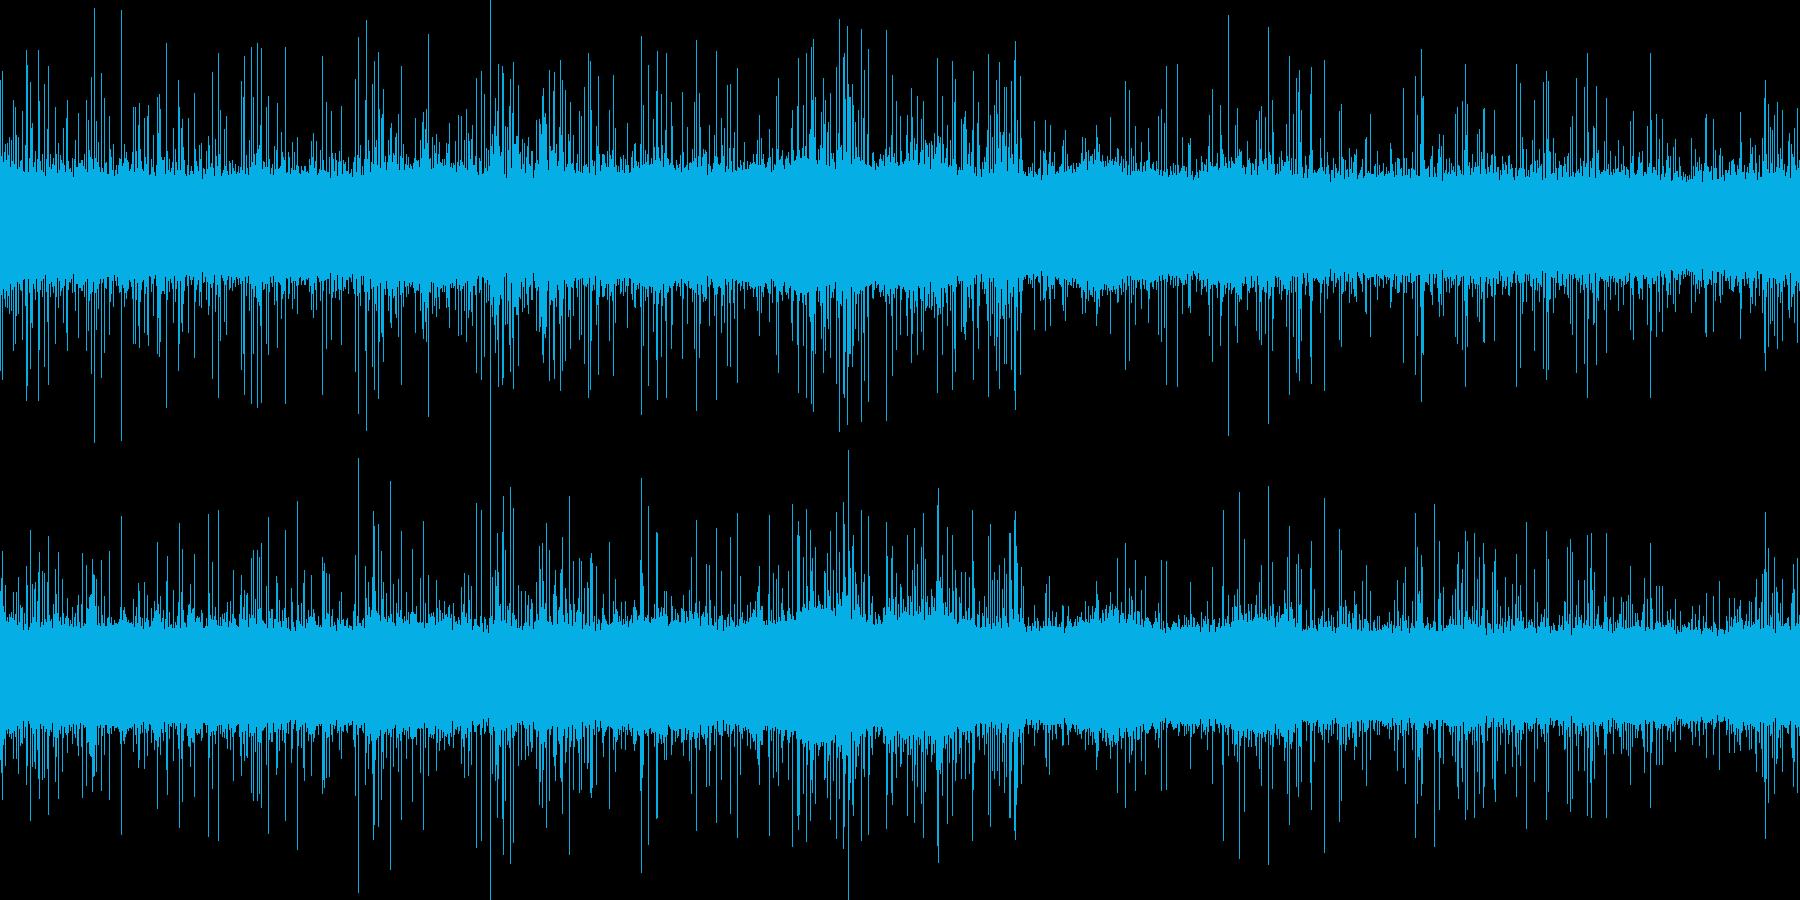 激しく降る雨の音の再生済みの波形